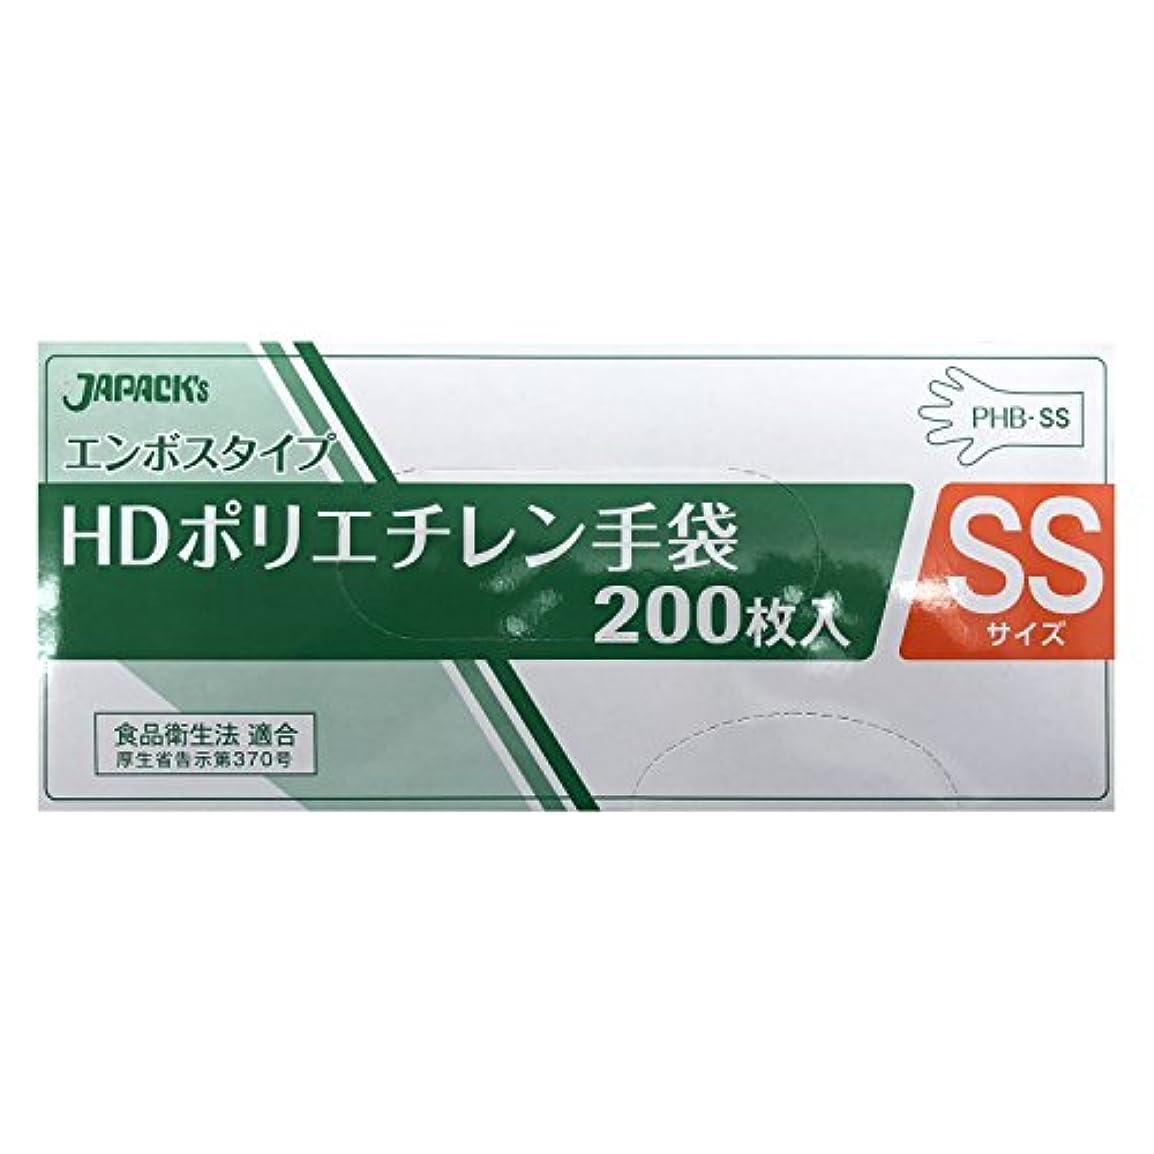 シャワースクラップ機械的エンボスタイプ HDポリエチレン手袋 SSサイズ BOX 200枚入 無着色 PHB-SS